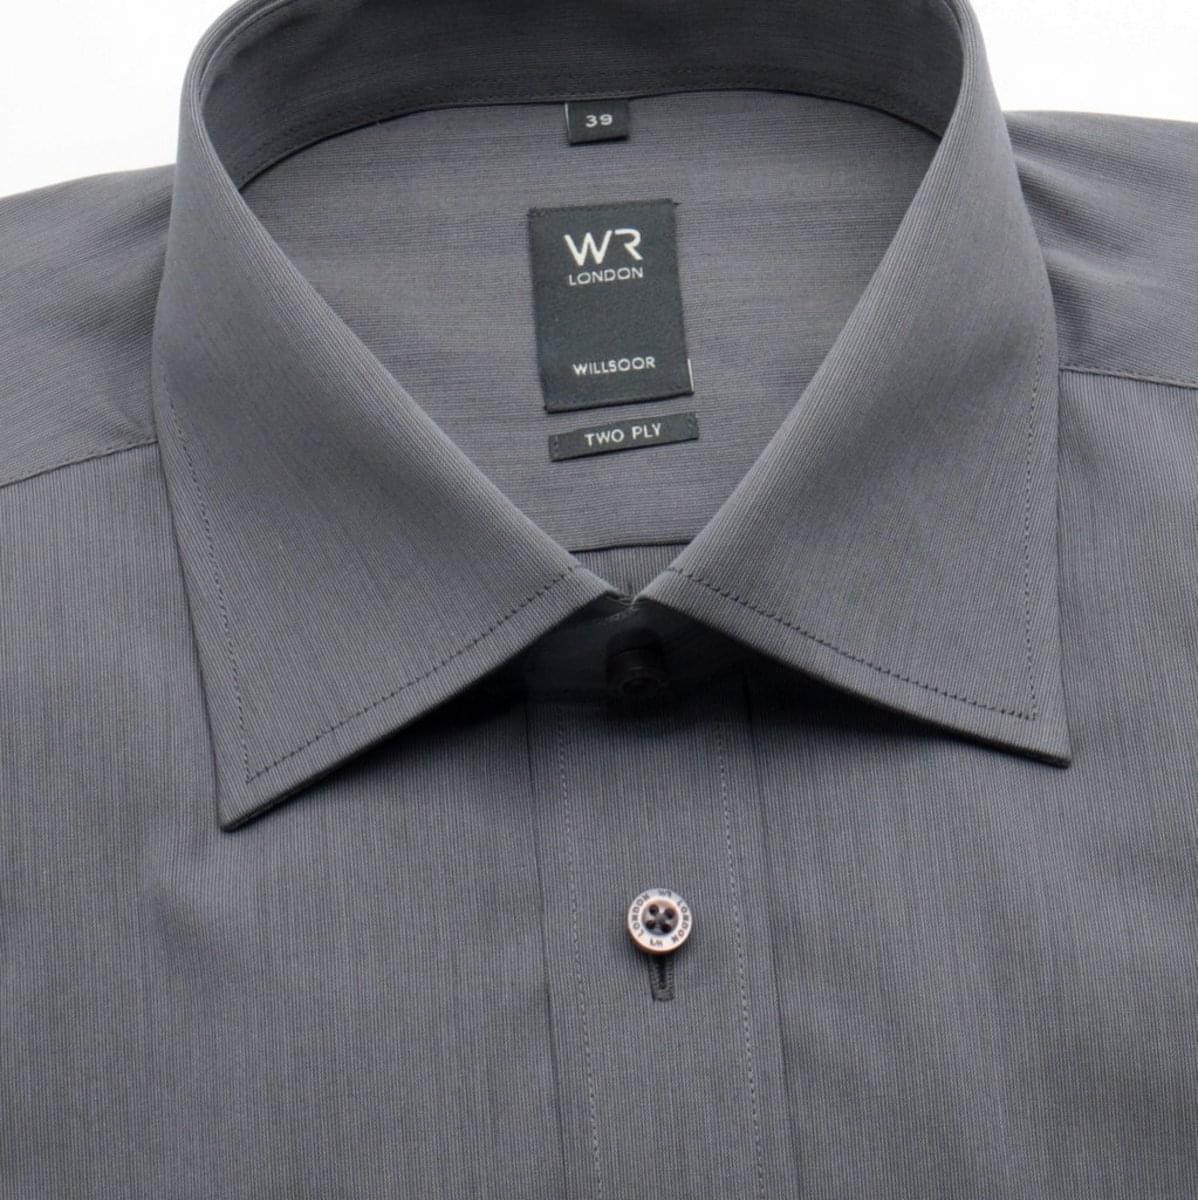 Pánská slim fit košile London (výška 188/194) 526 v grafitové barvě s úpravou splot two-ply 188-194 / 39